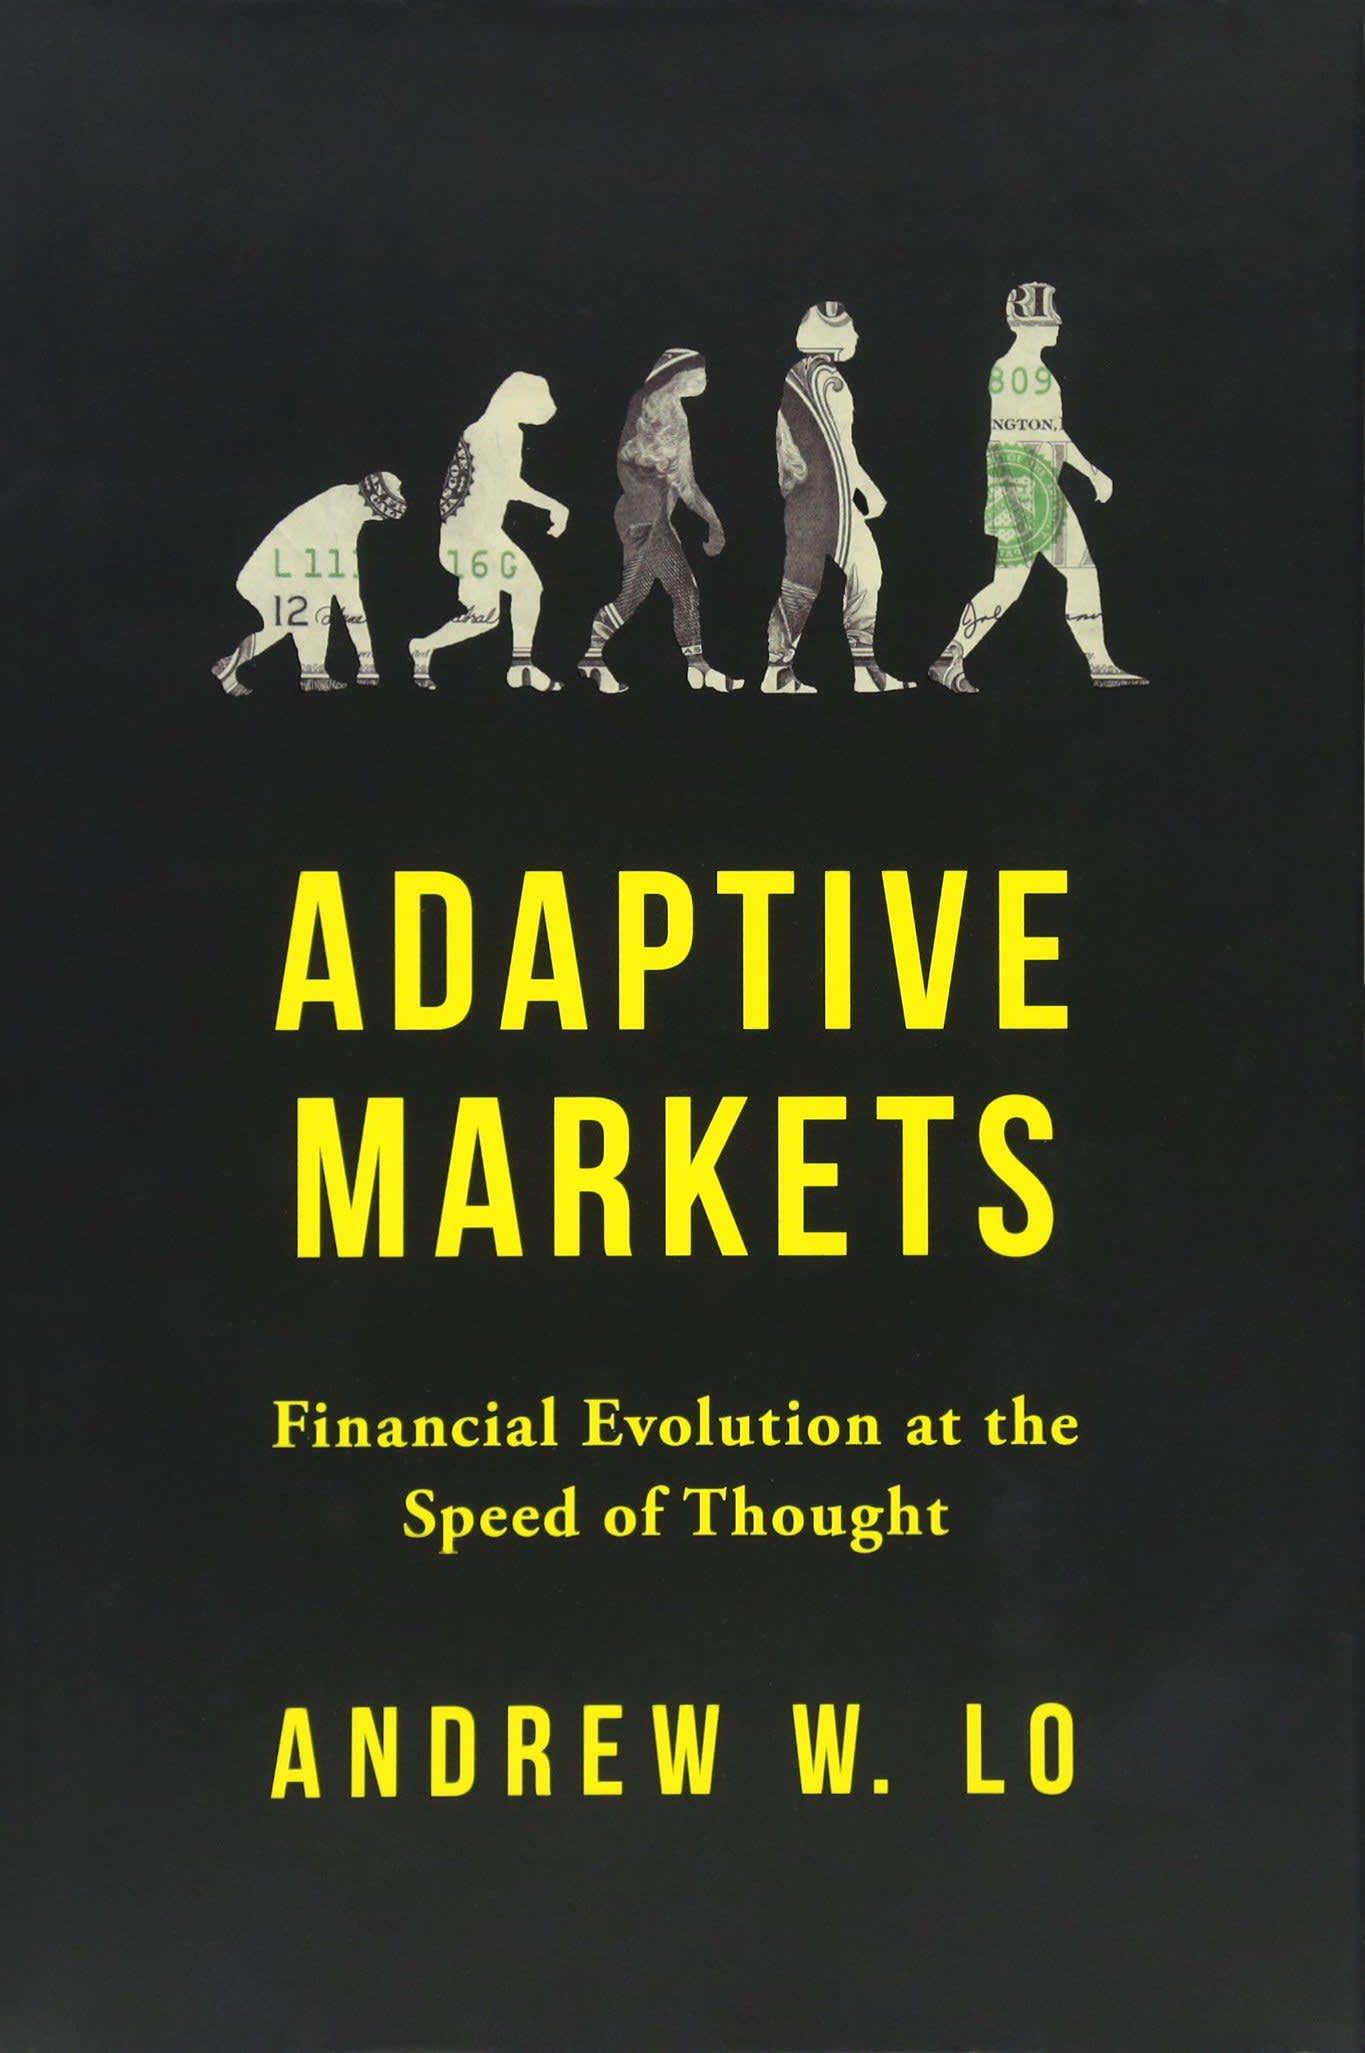 Adaptive Markets by Andrew Lo